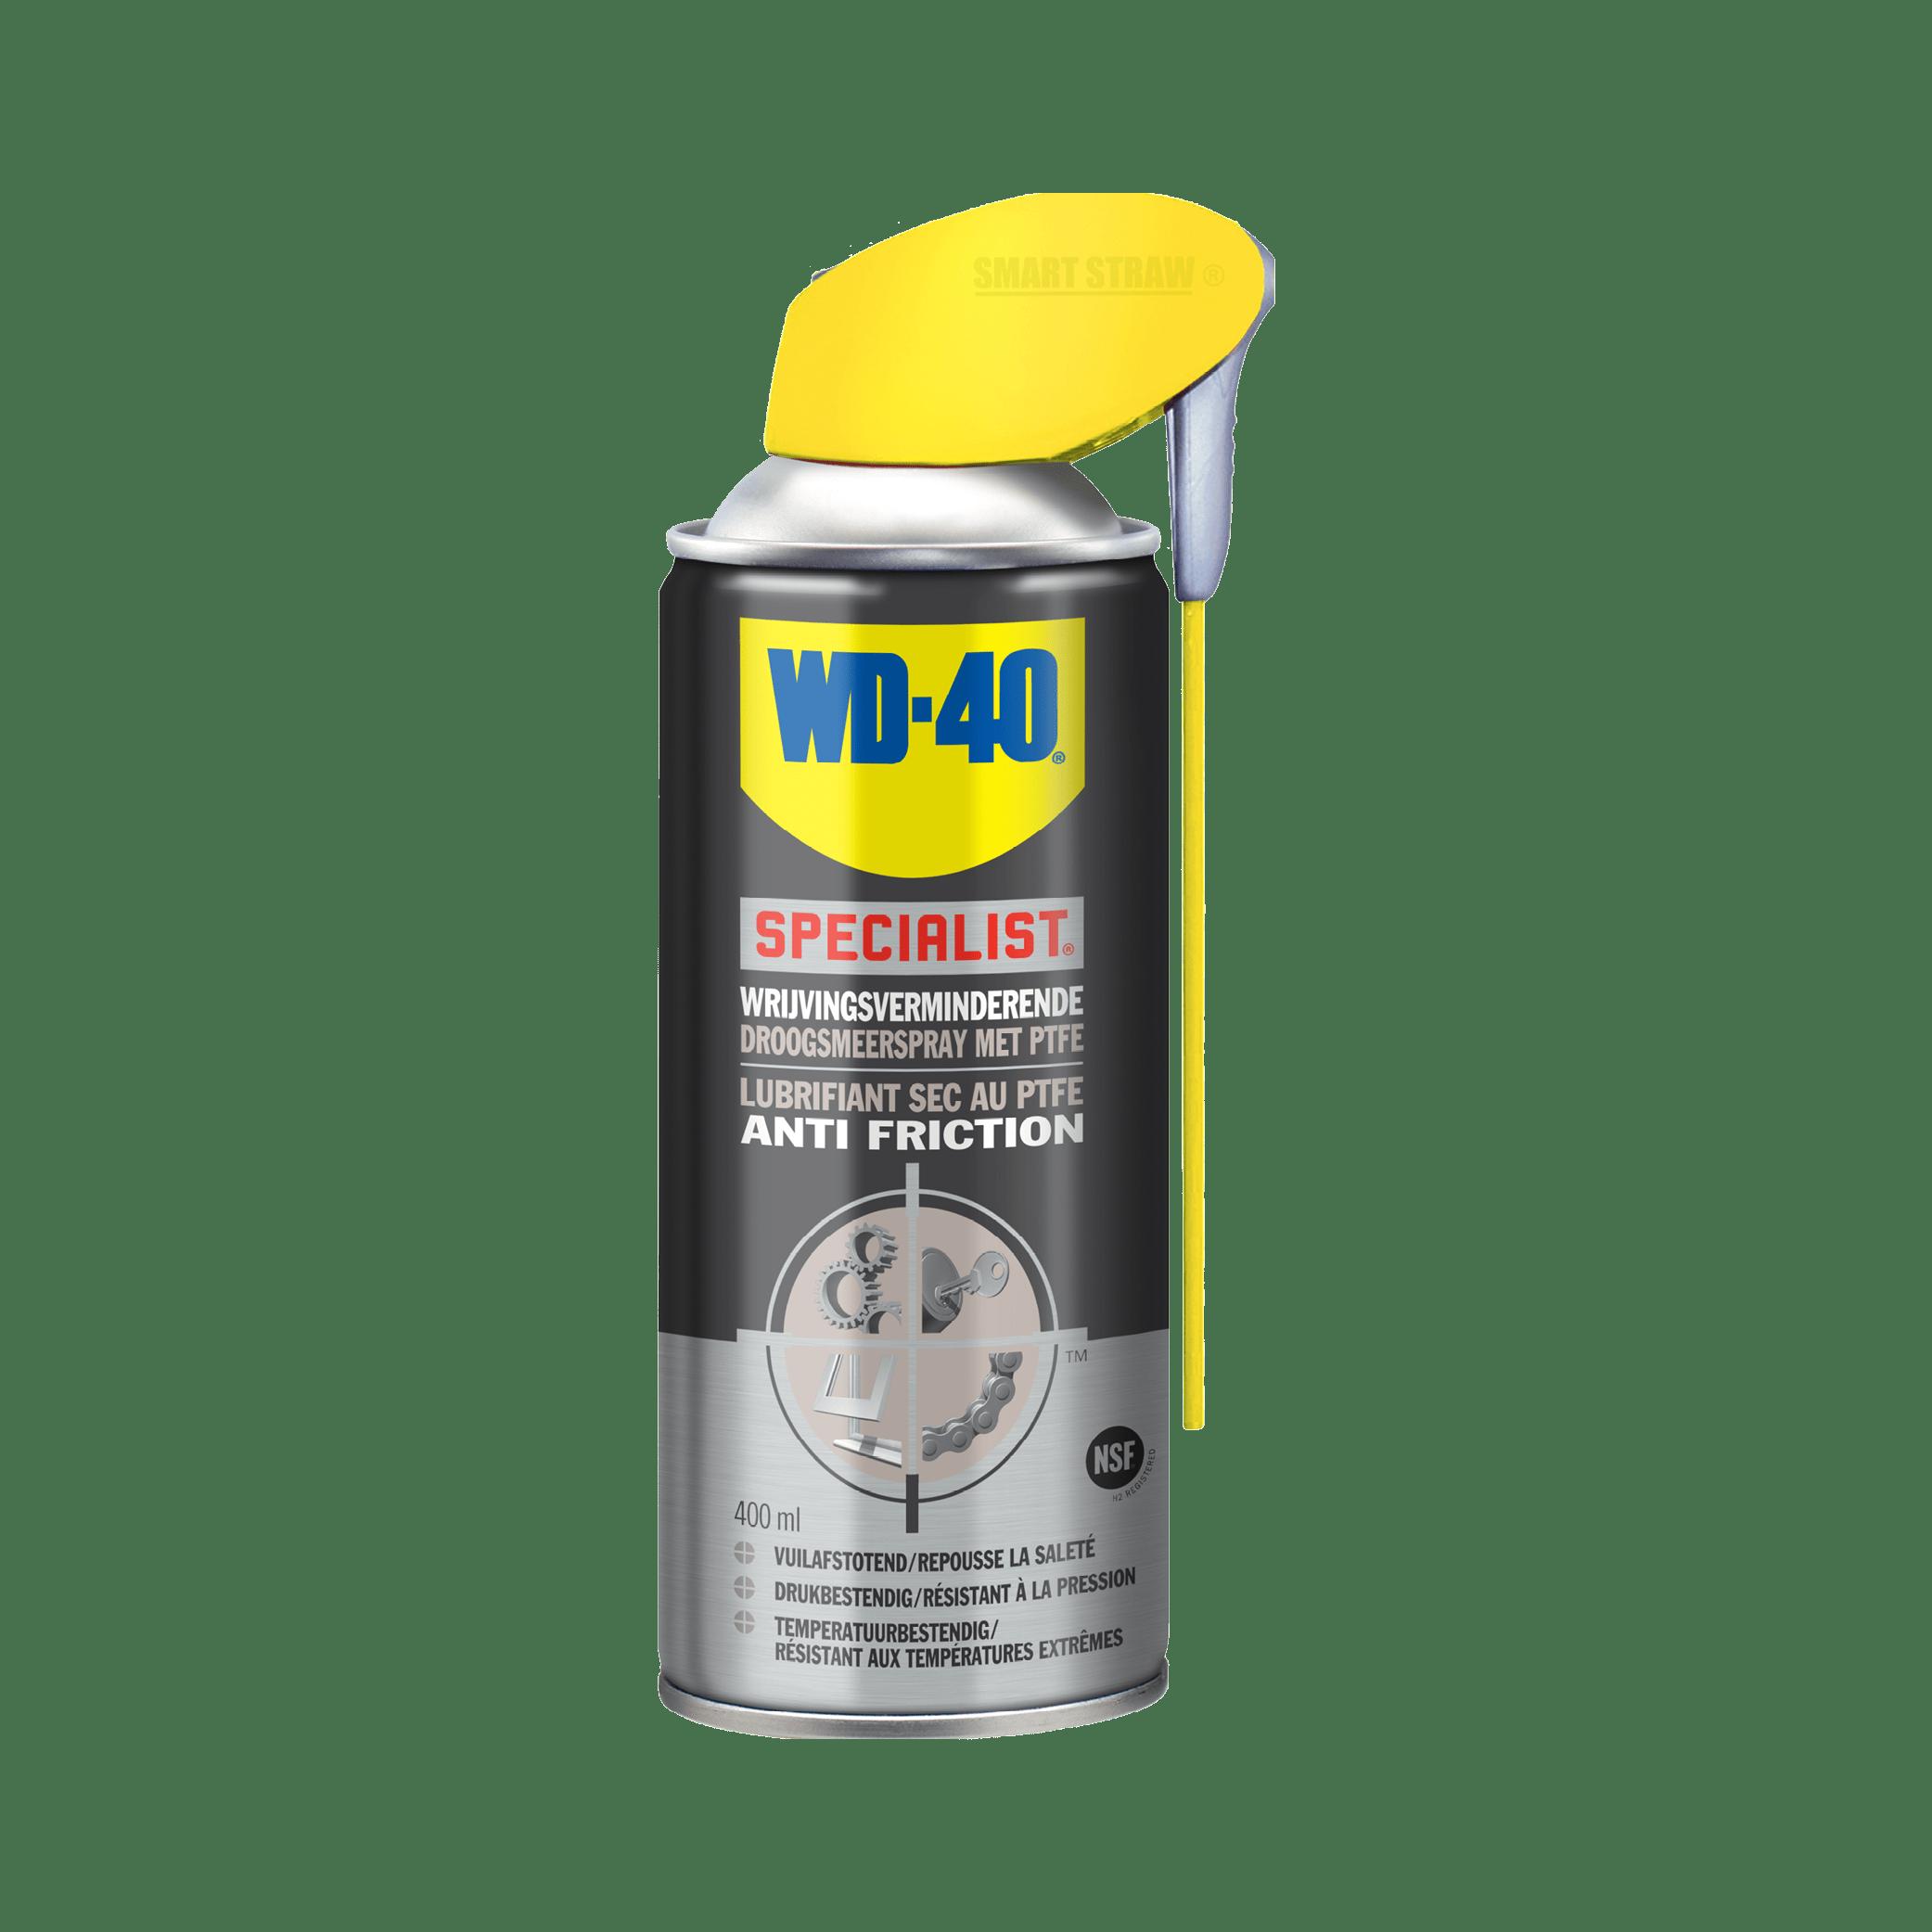 WD-40-Specialist-Droogsmeerspray-1000x1000